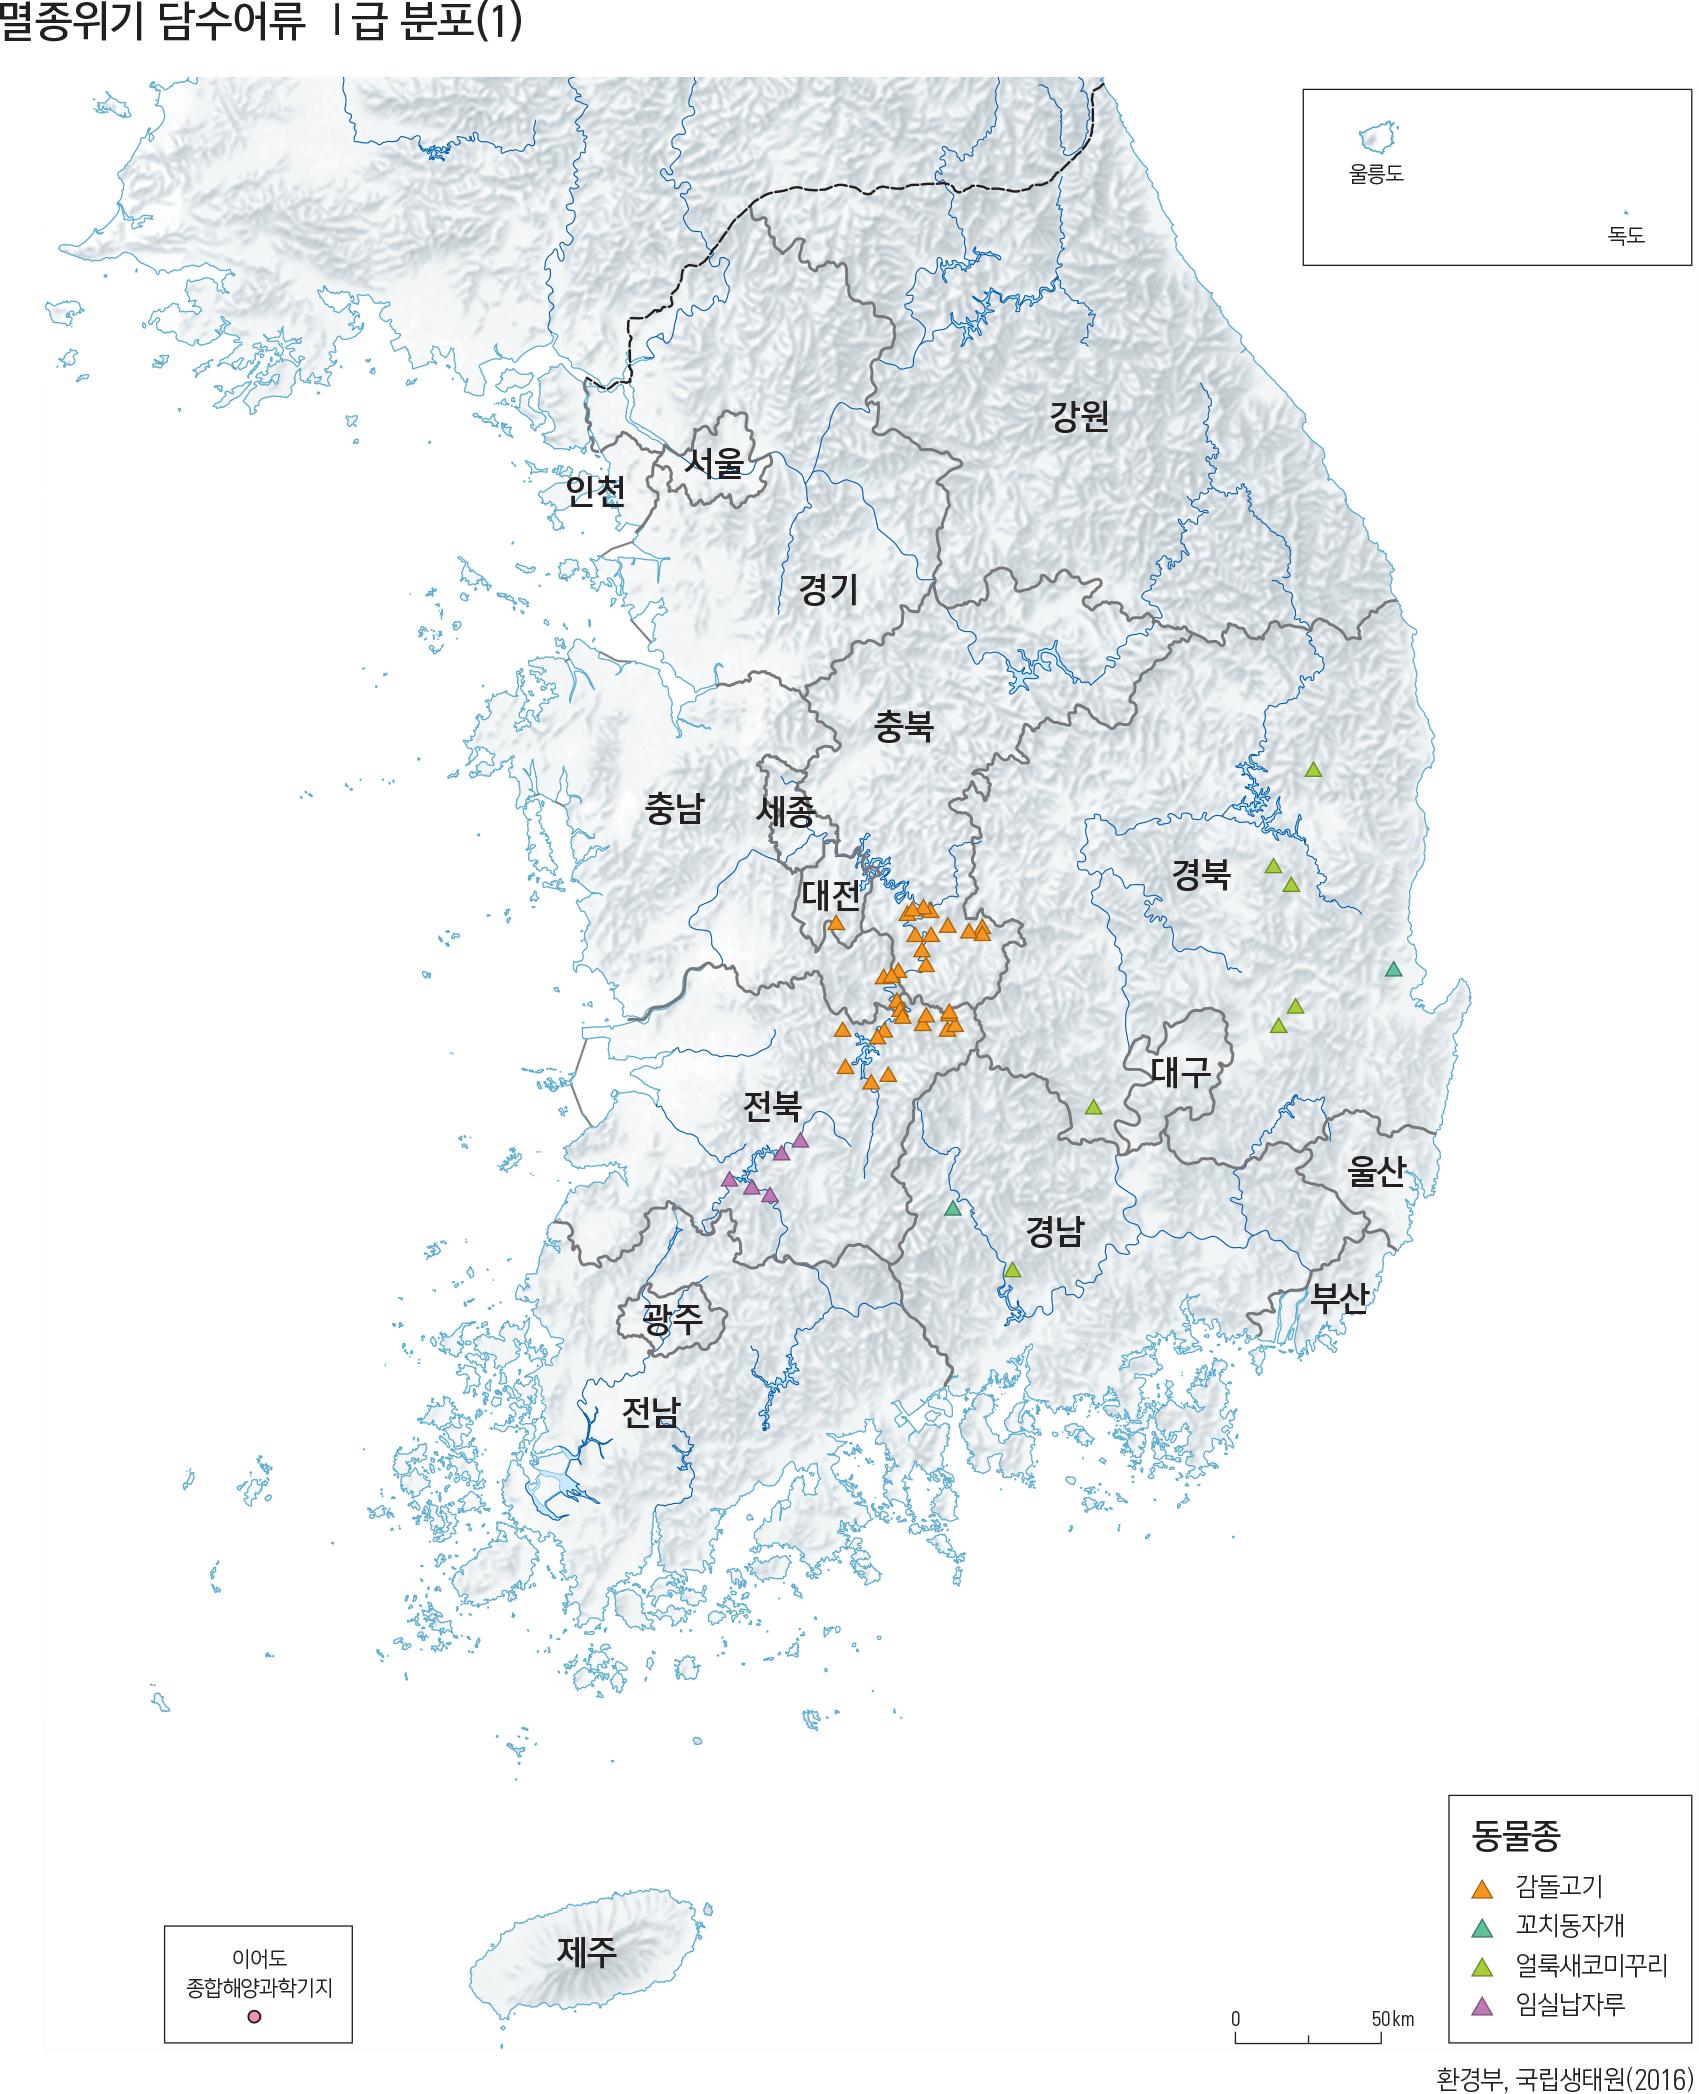 멸종위기 담수어류 I급 분포(1)